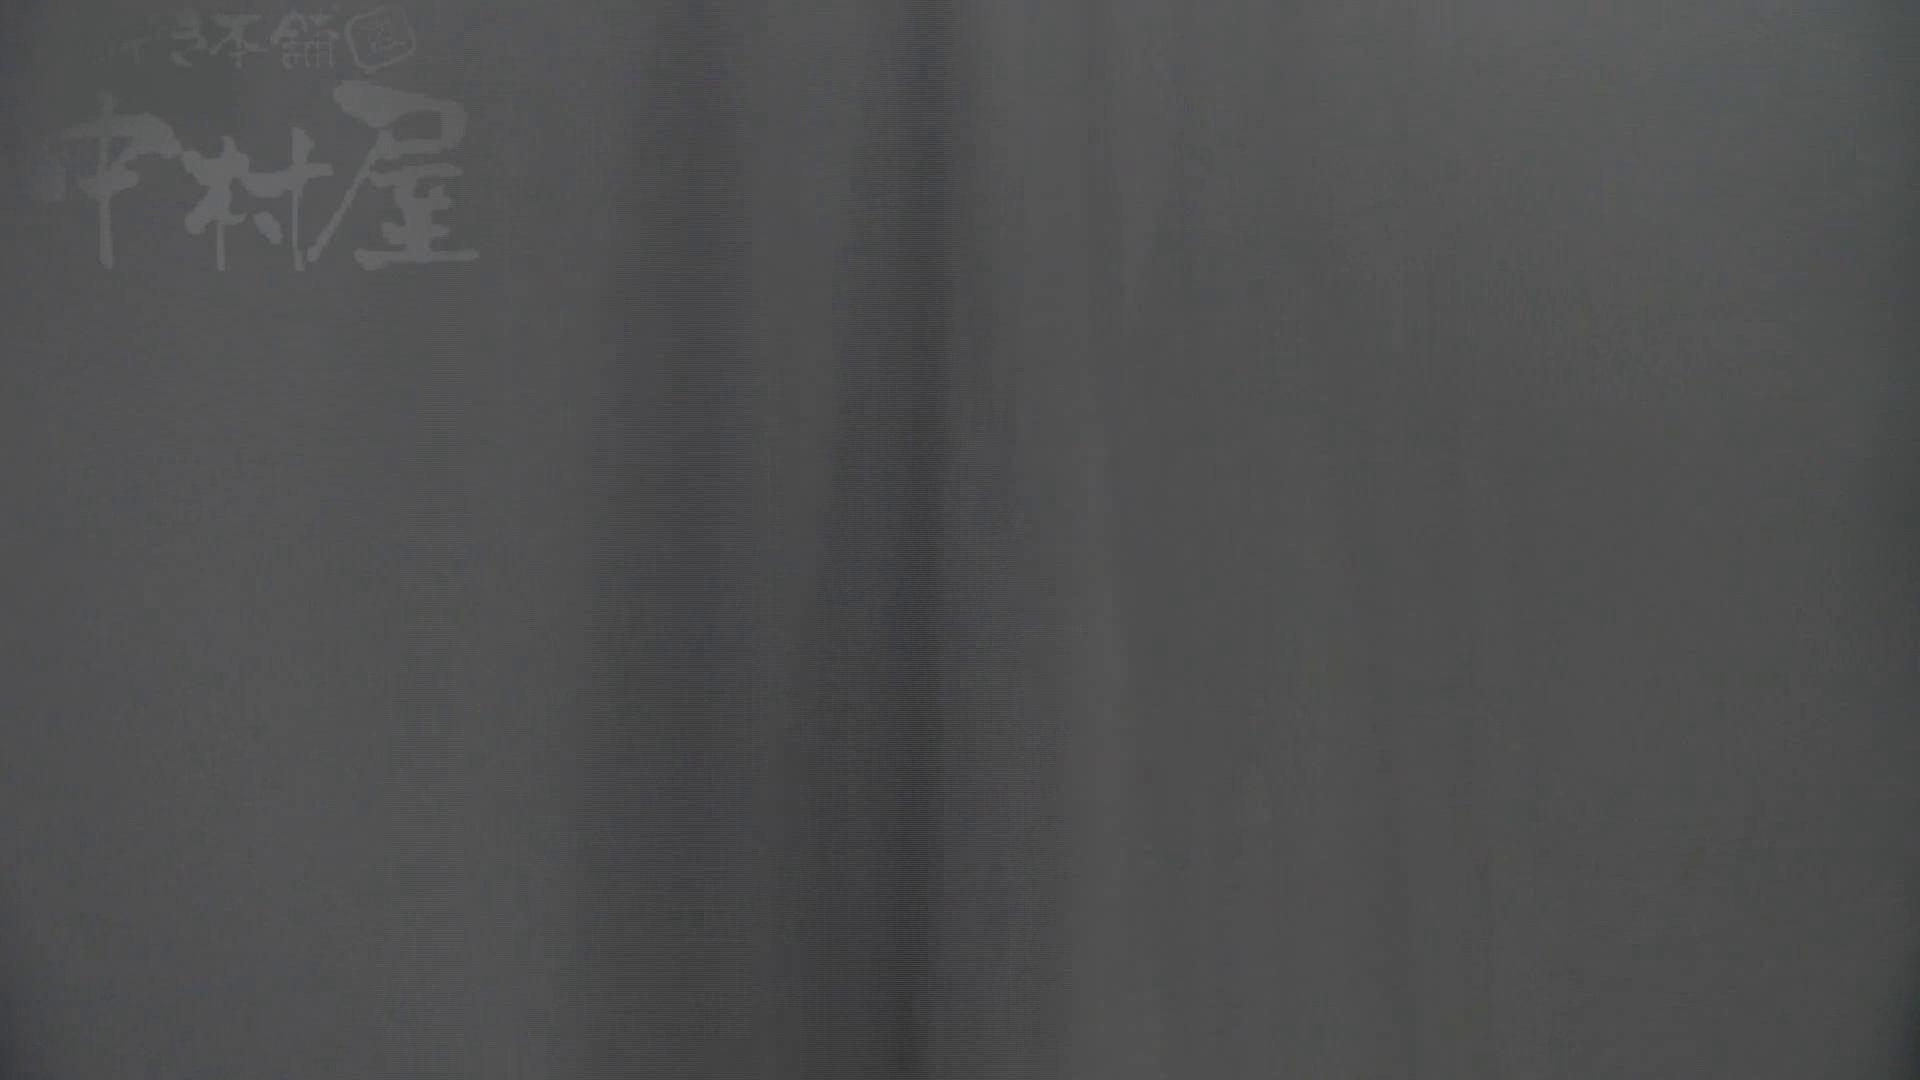 美しい日本の未来 No.25 「22」に登場した子がまさかの大で再登場!! 女子トイレ編  102PIX 40